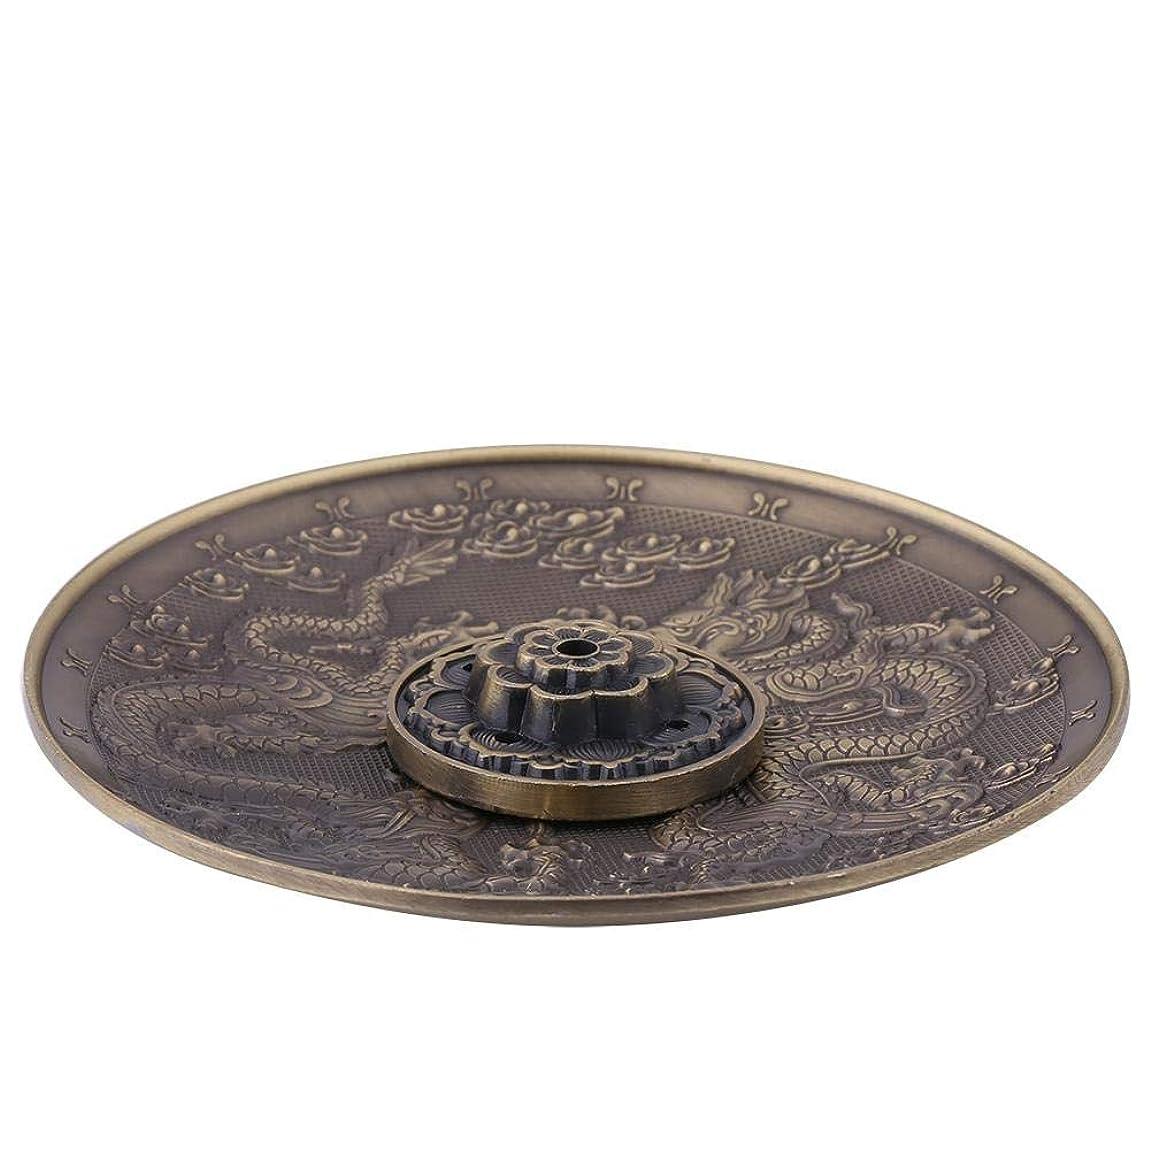 森林鯨ズームインする金属バーナーホルダー5穴亜鉛合金の香りバーナーホルダー 寝室の寺院の装飾 ドラゴンパターンの香炉プレート(#2)